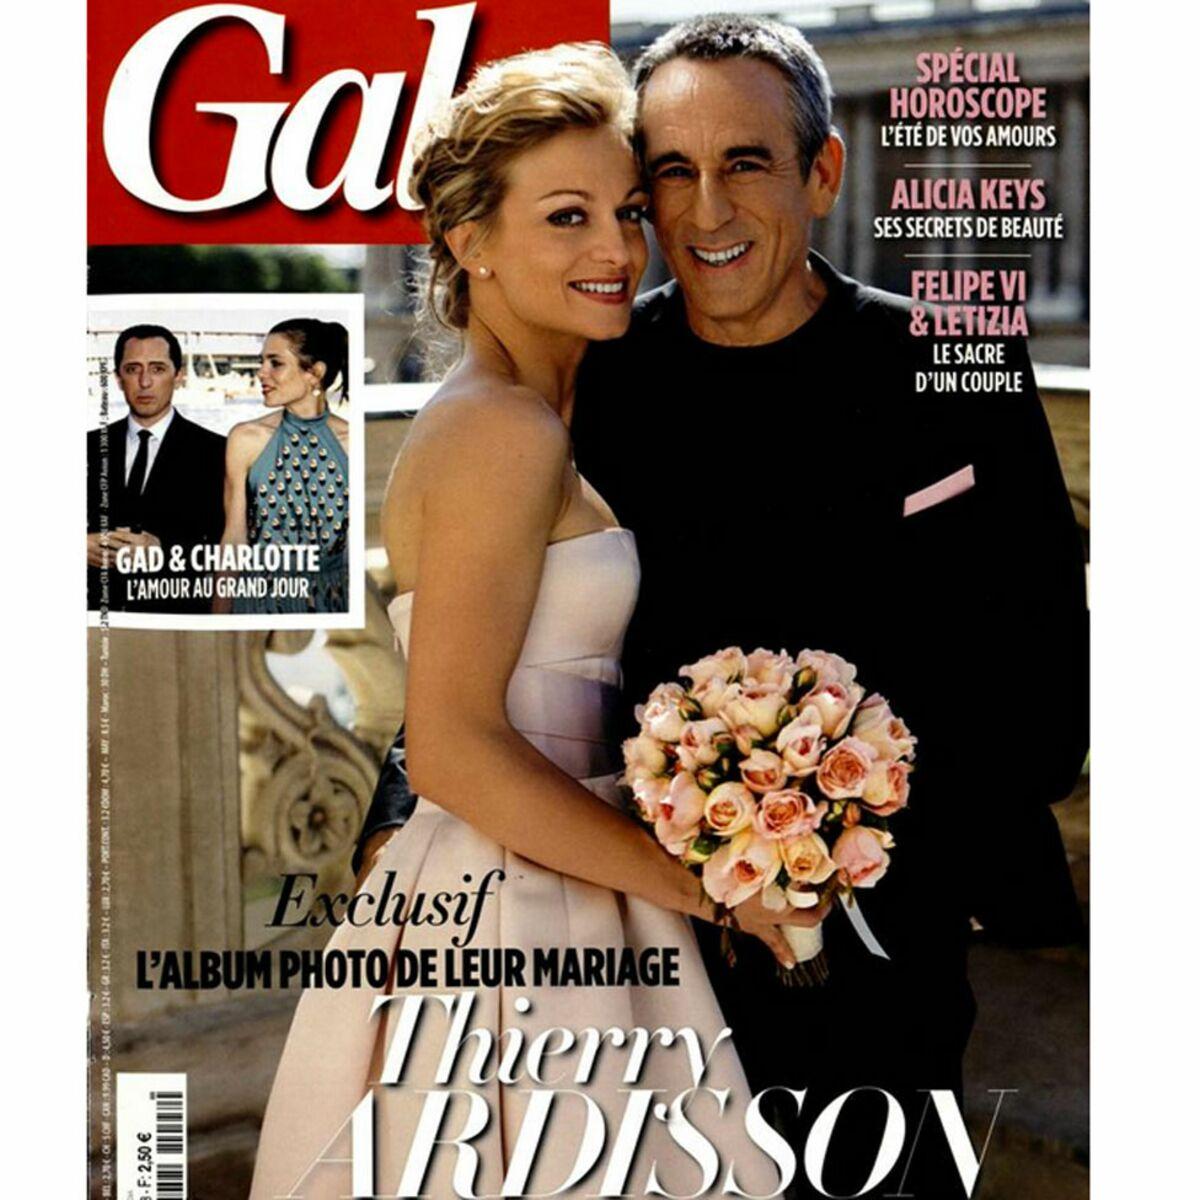 Thierry Ardisson Son Mariage Surprise Avec Audrey Crespo Mara Femme Actuelle Le Mag